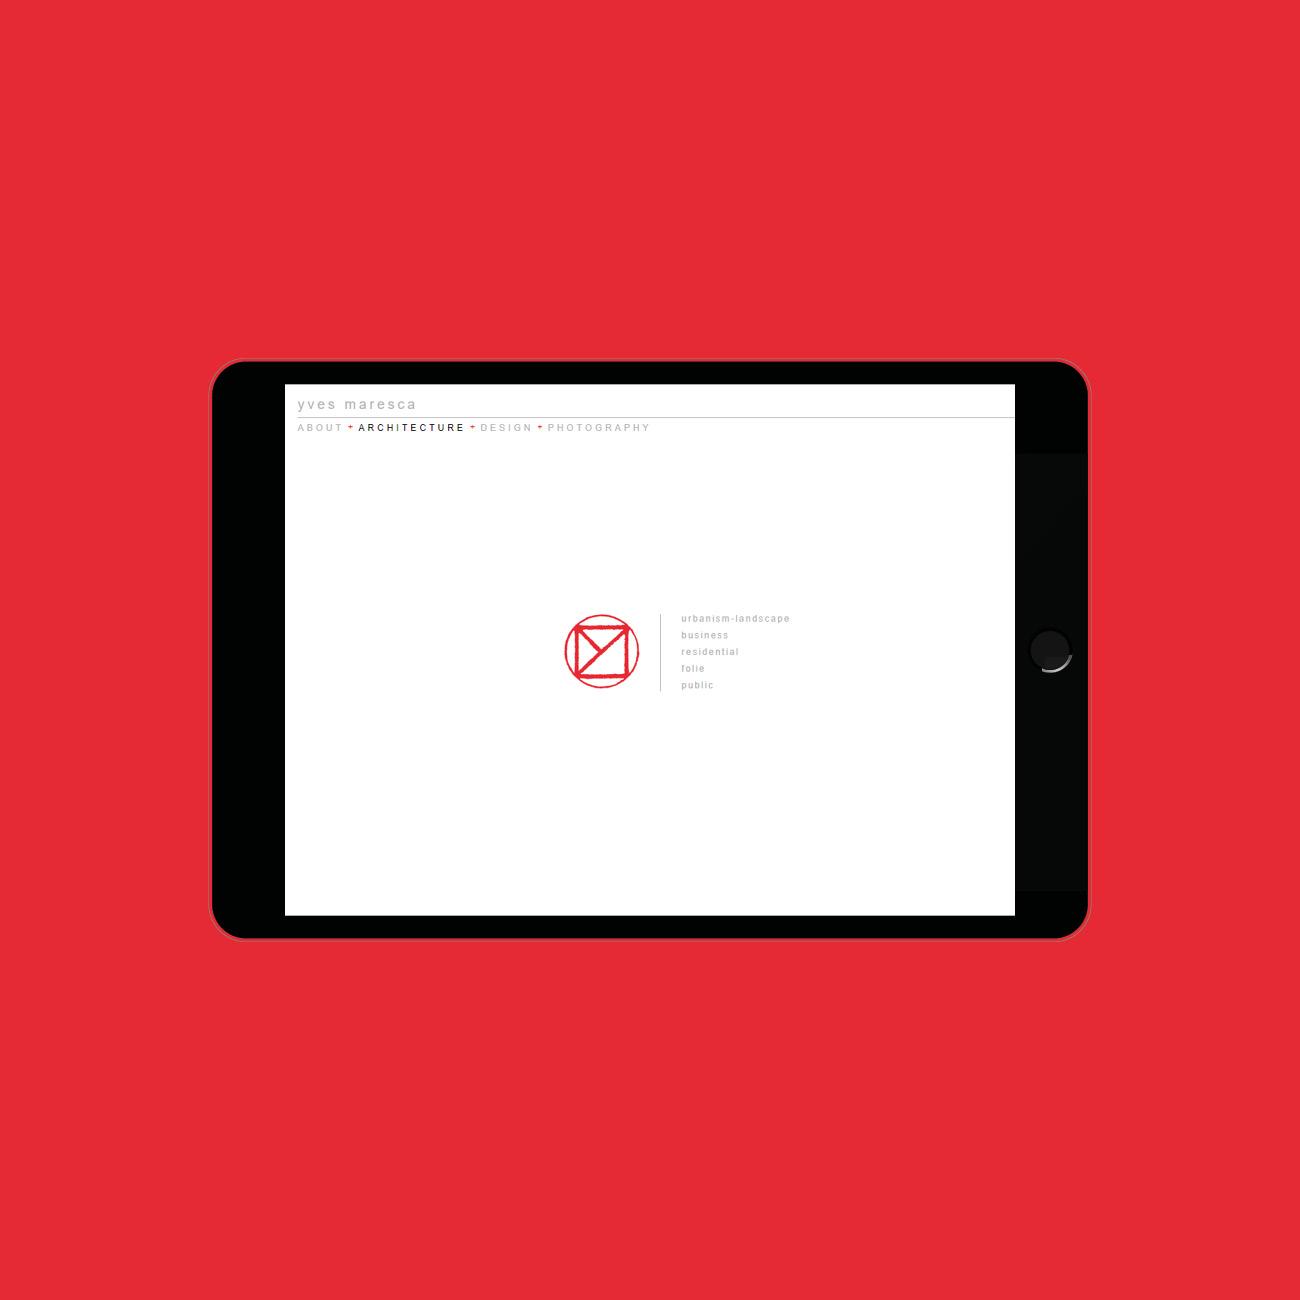 Miko Digital Agence web à Liège - Site web pour Yves Maresca